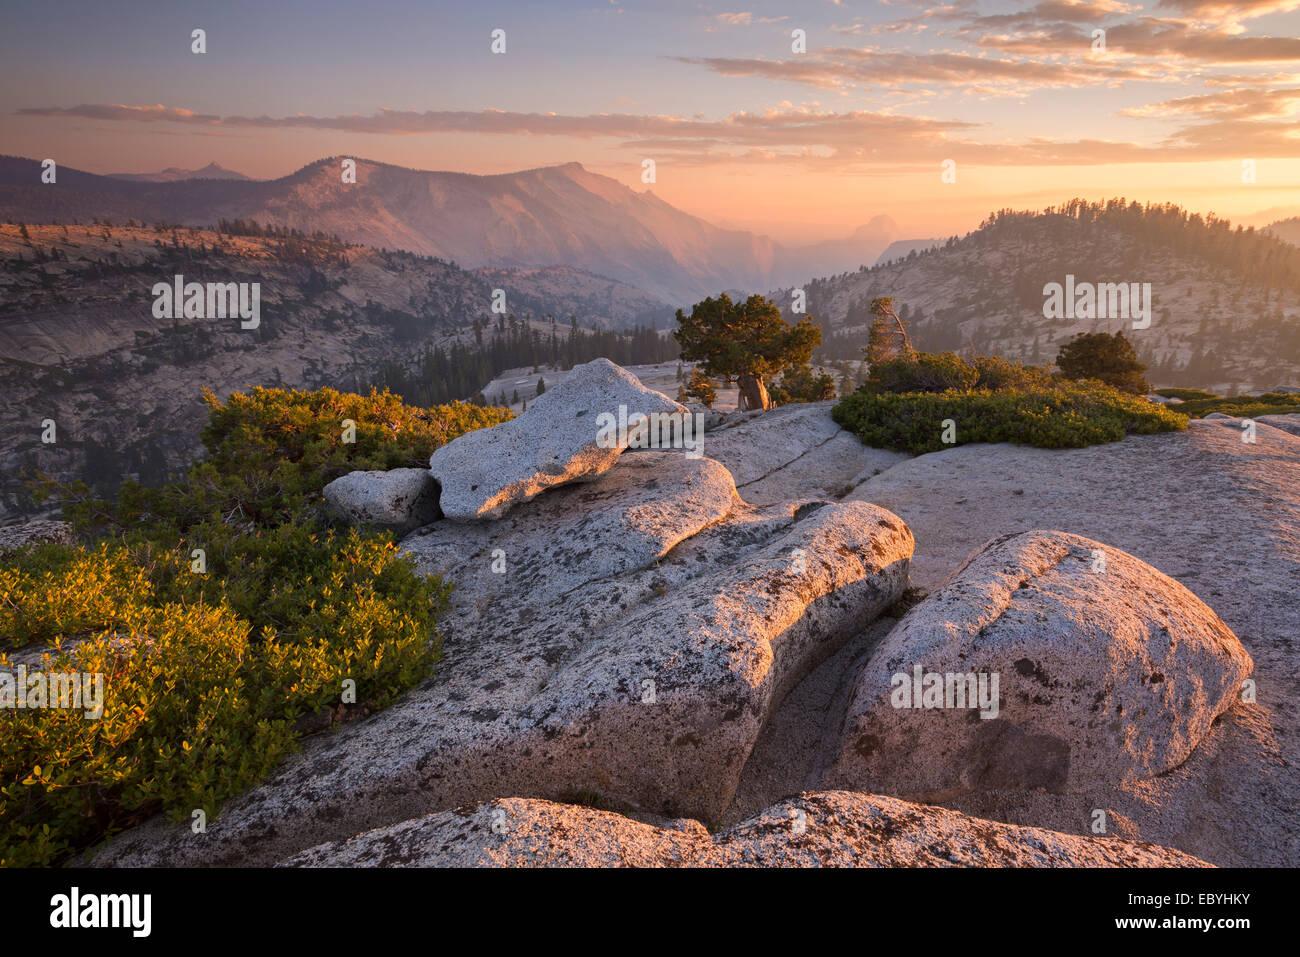 Vista hacia la Cúpula de mitad al atardecer, desde el punto de Olmsted, el Parque Nacional Yosemite, California, Imagen De Stock